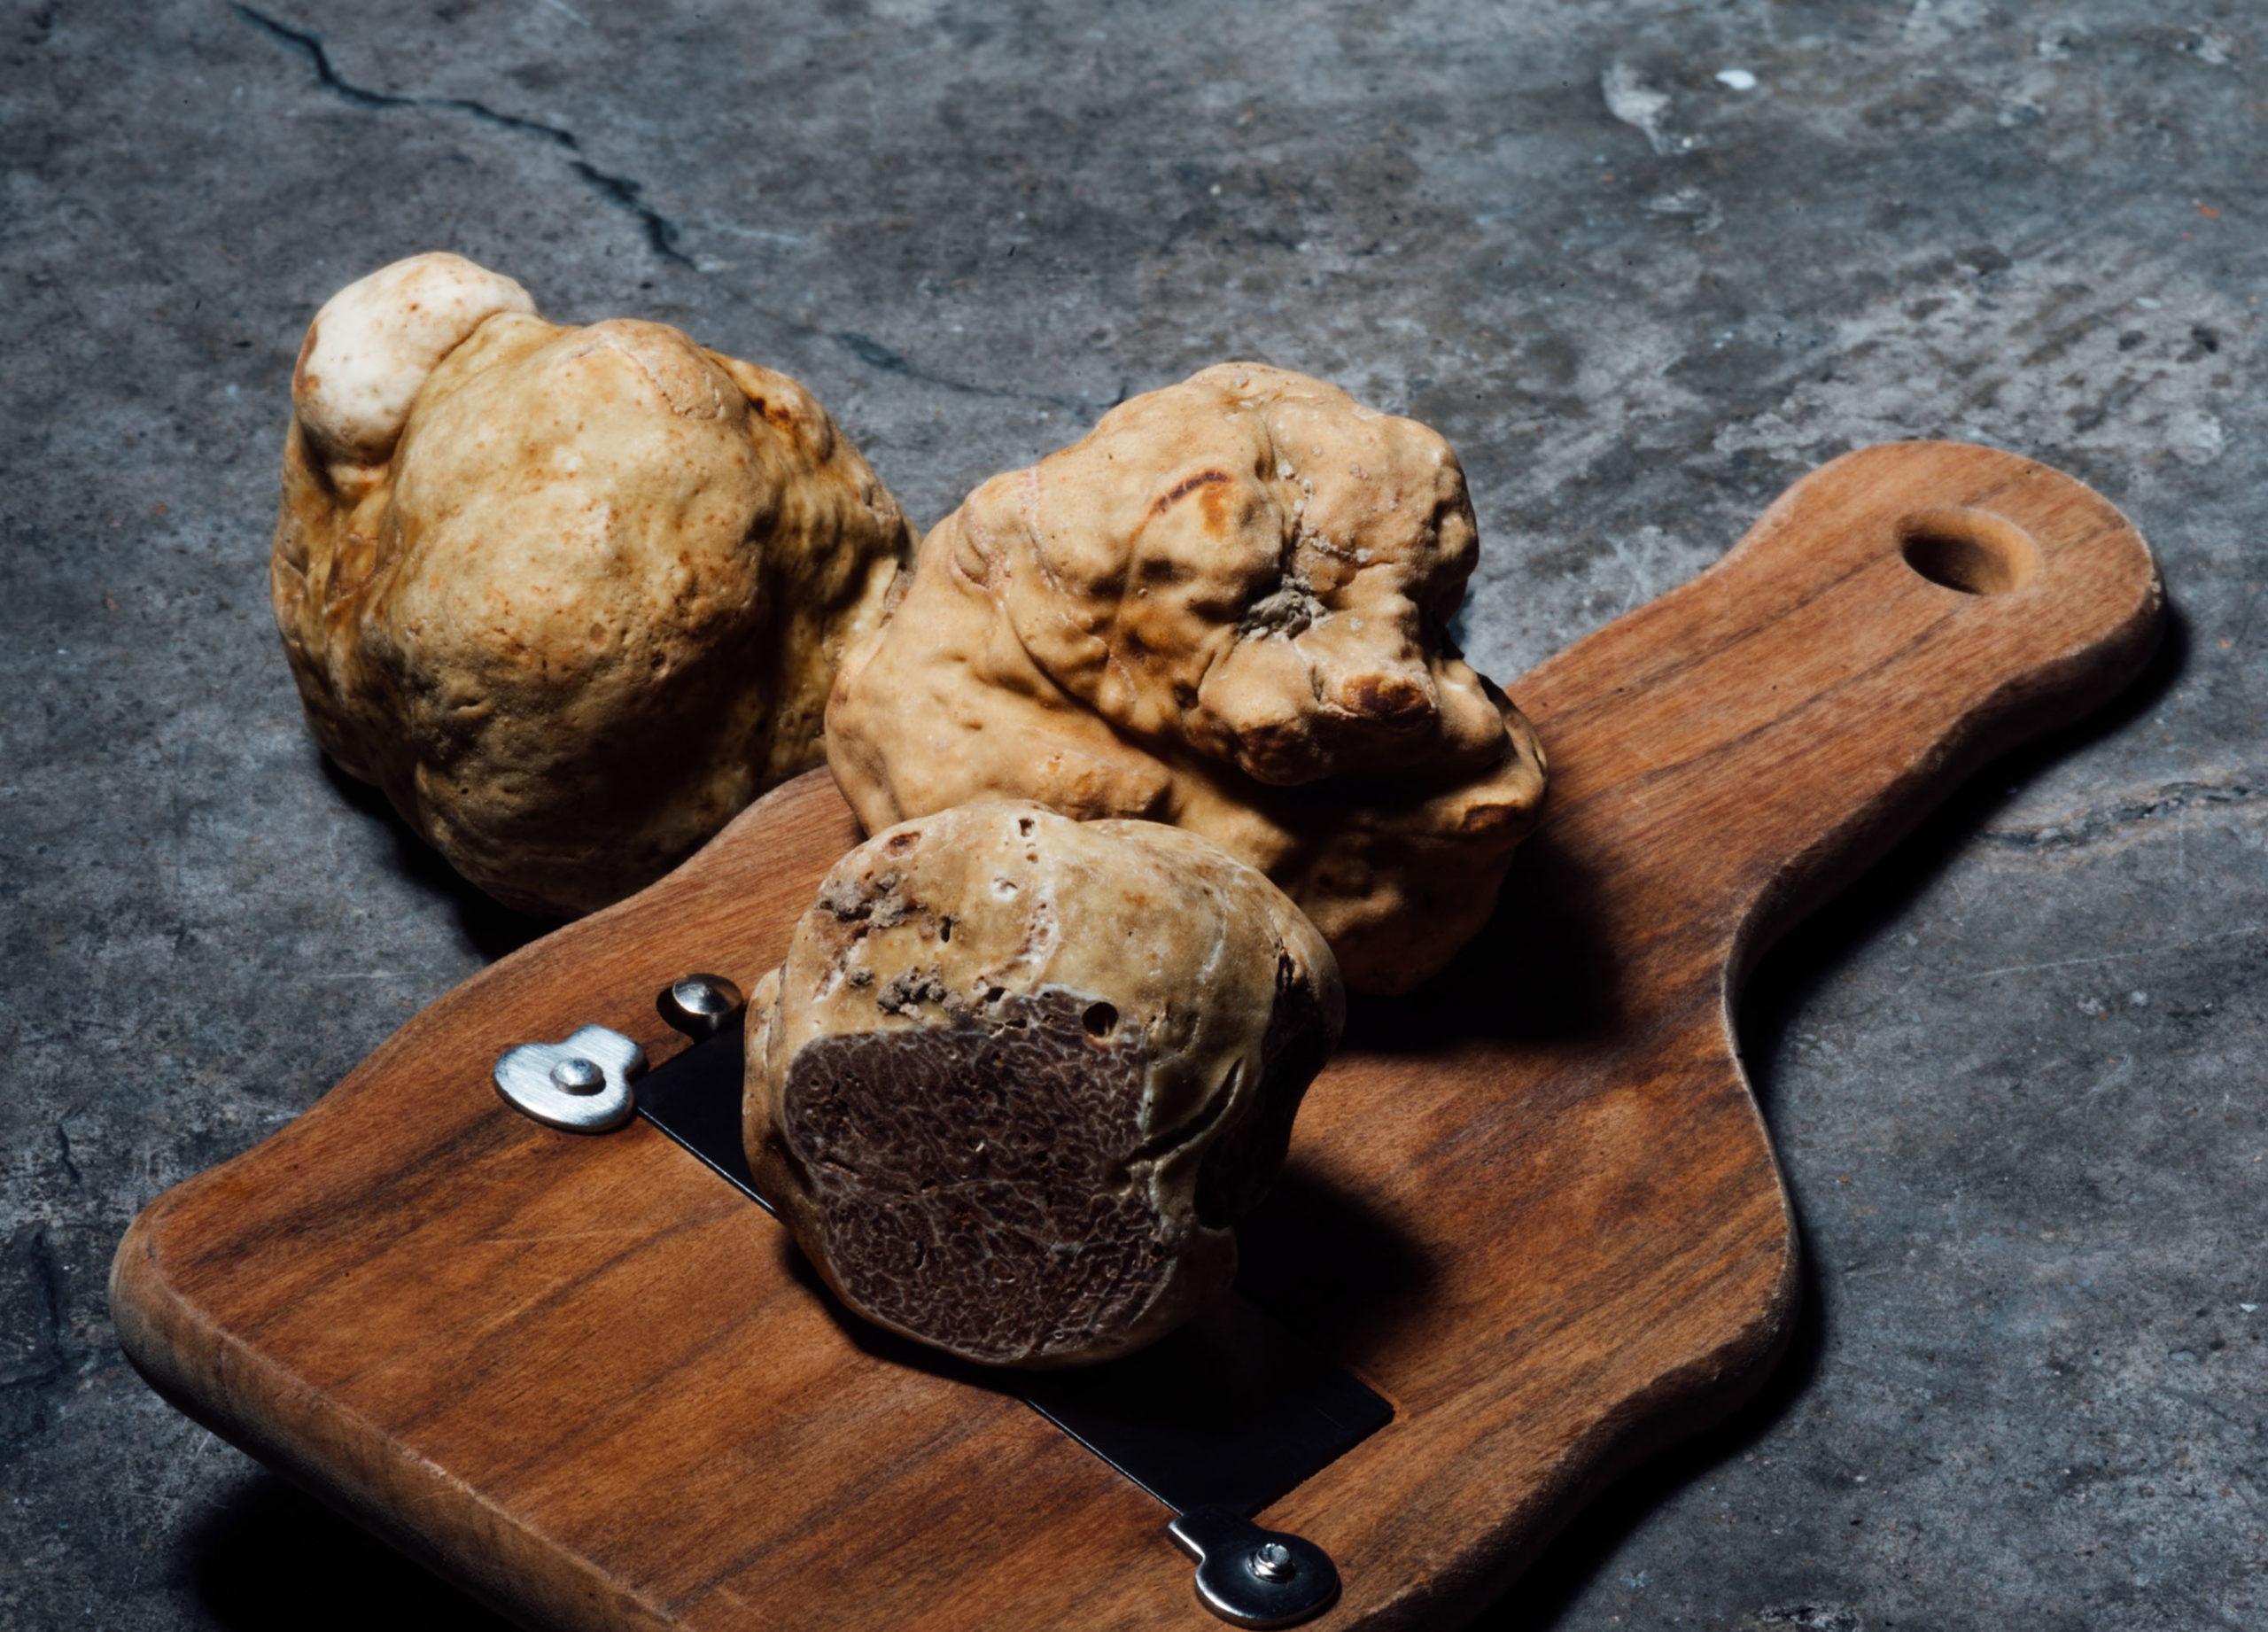 planche à découper avec une truffe italienne qu'on appelle la truffe blanche d'Alba